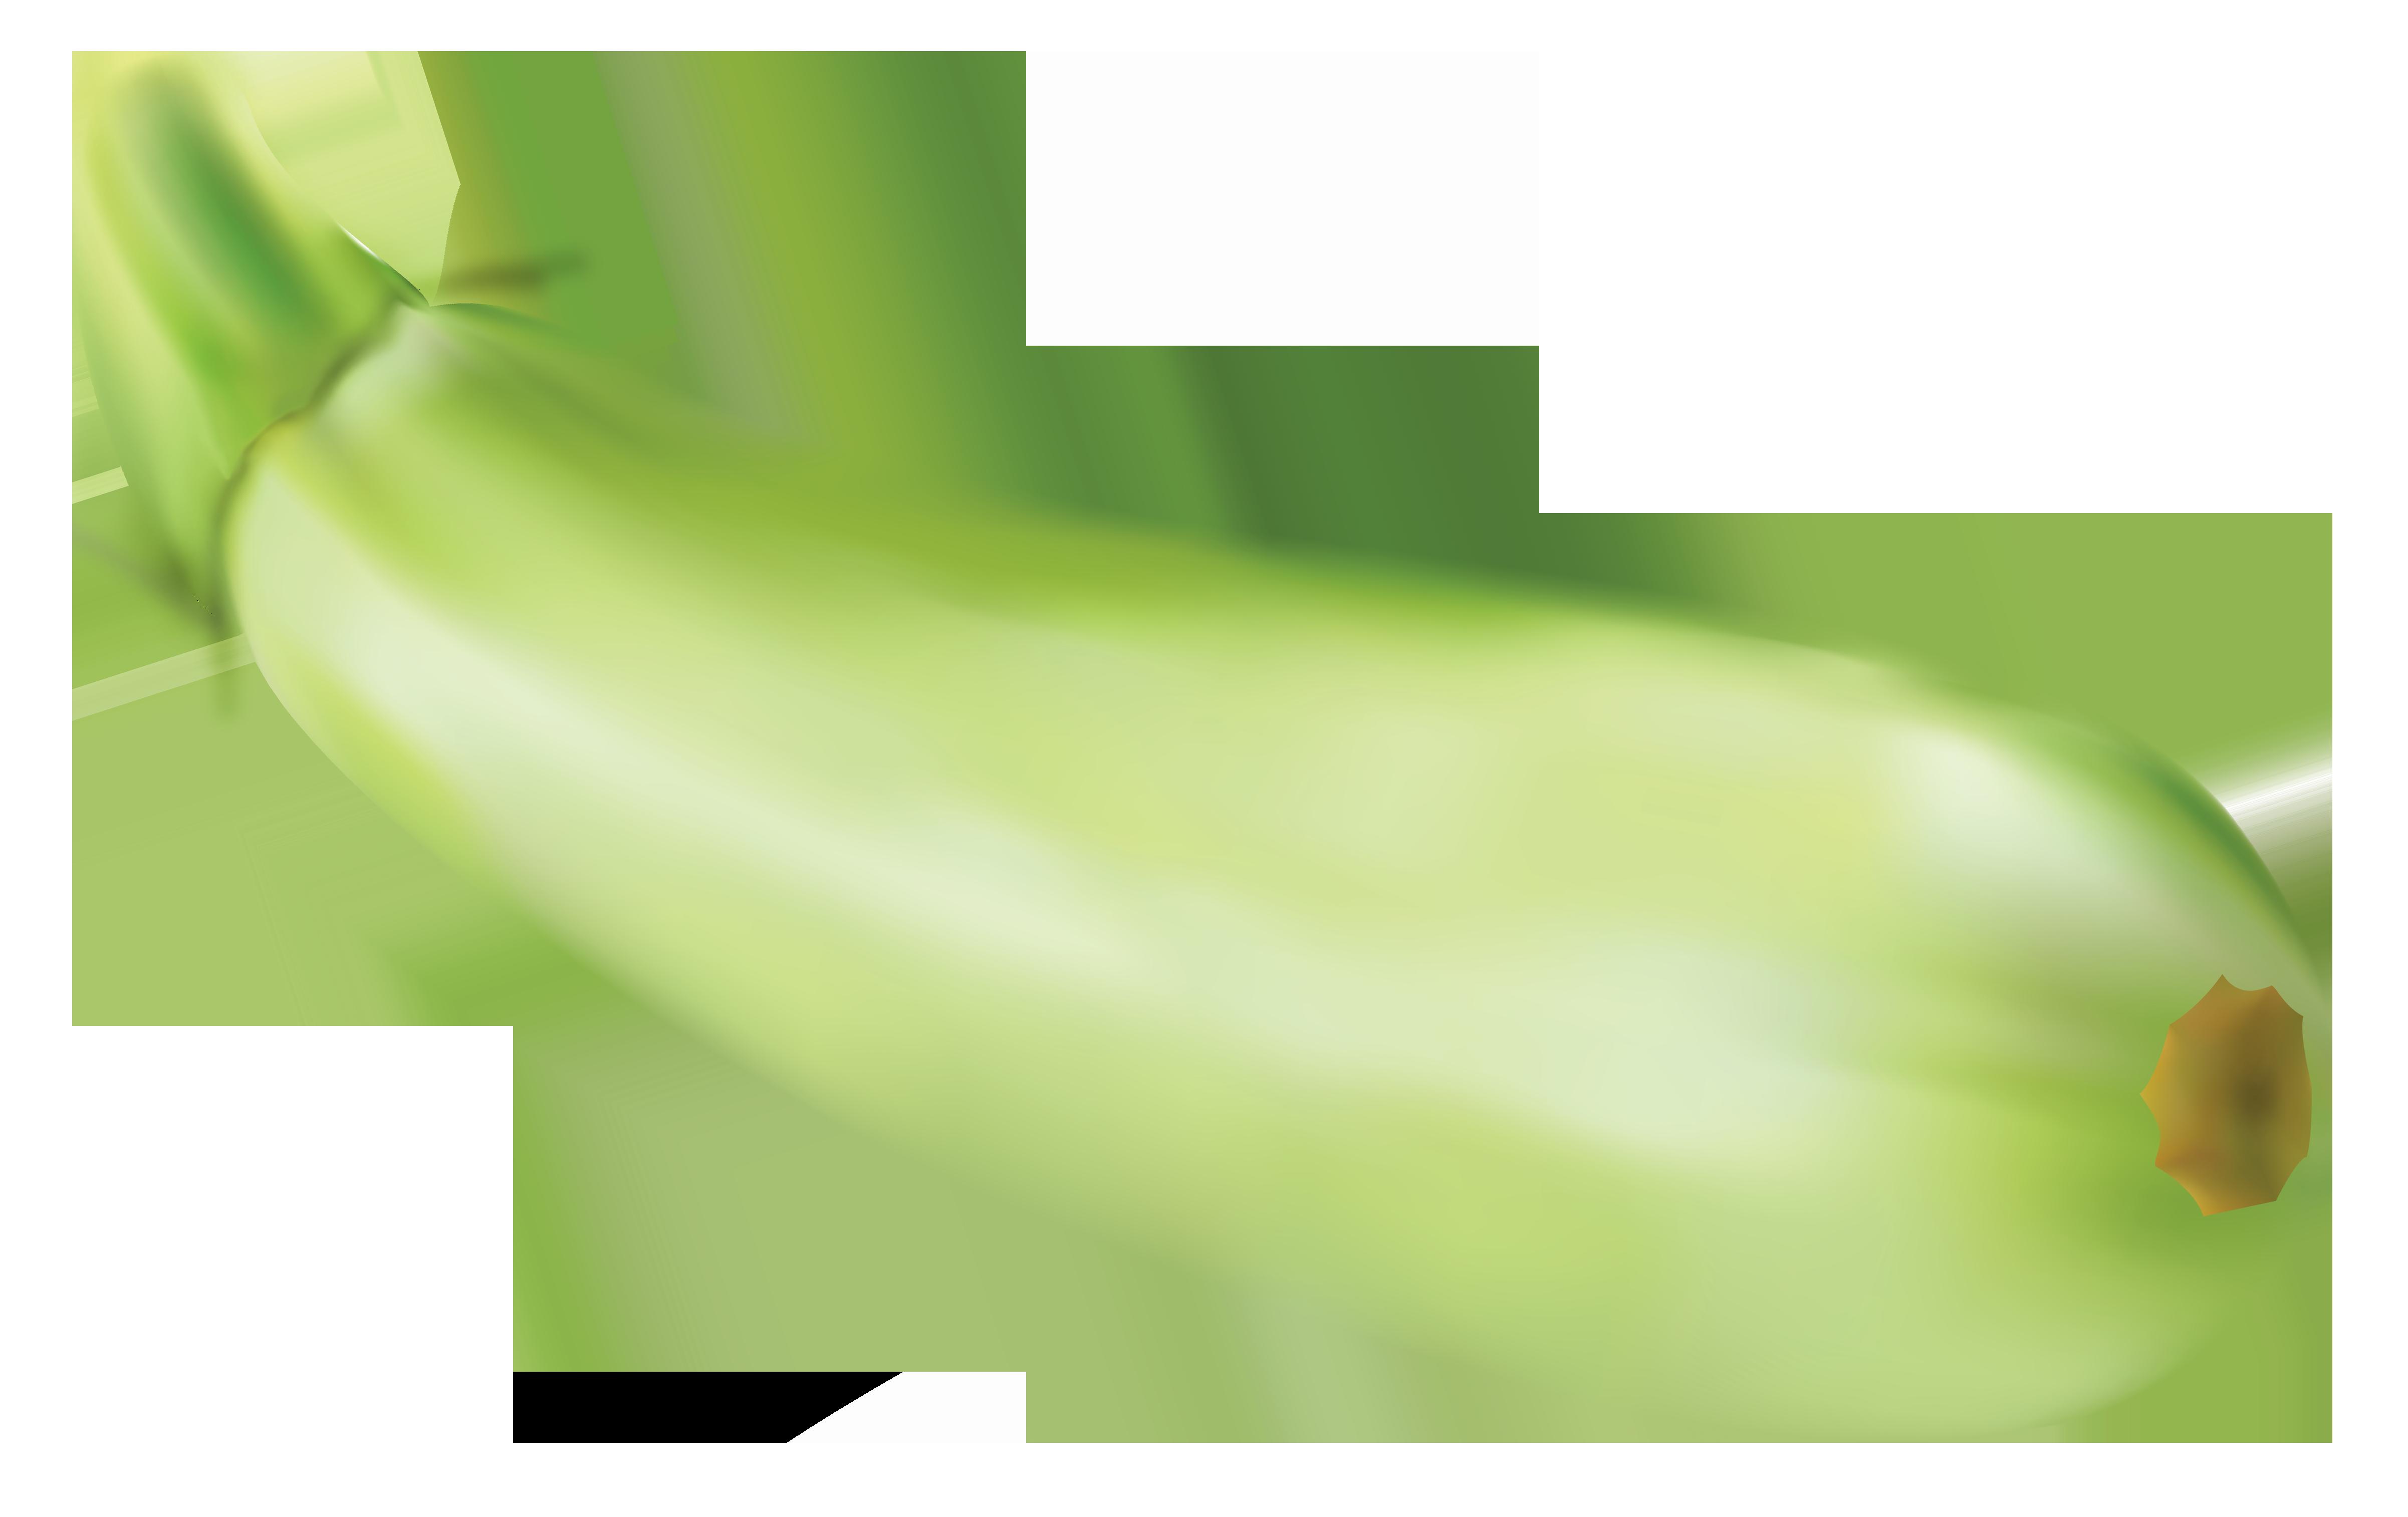 Zucchini clipart free.